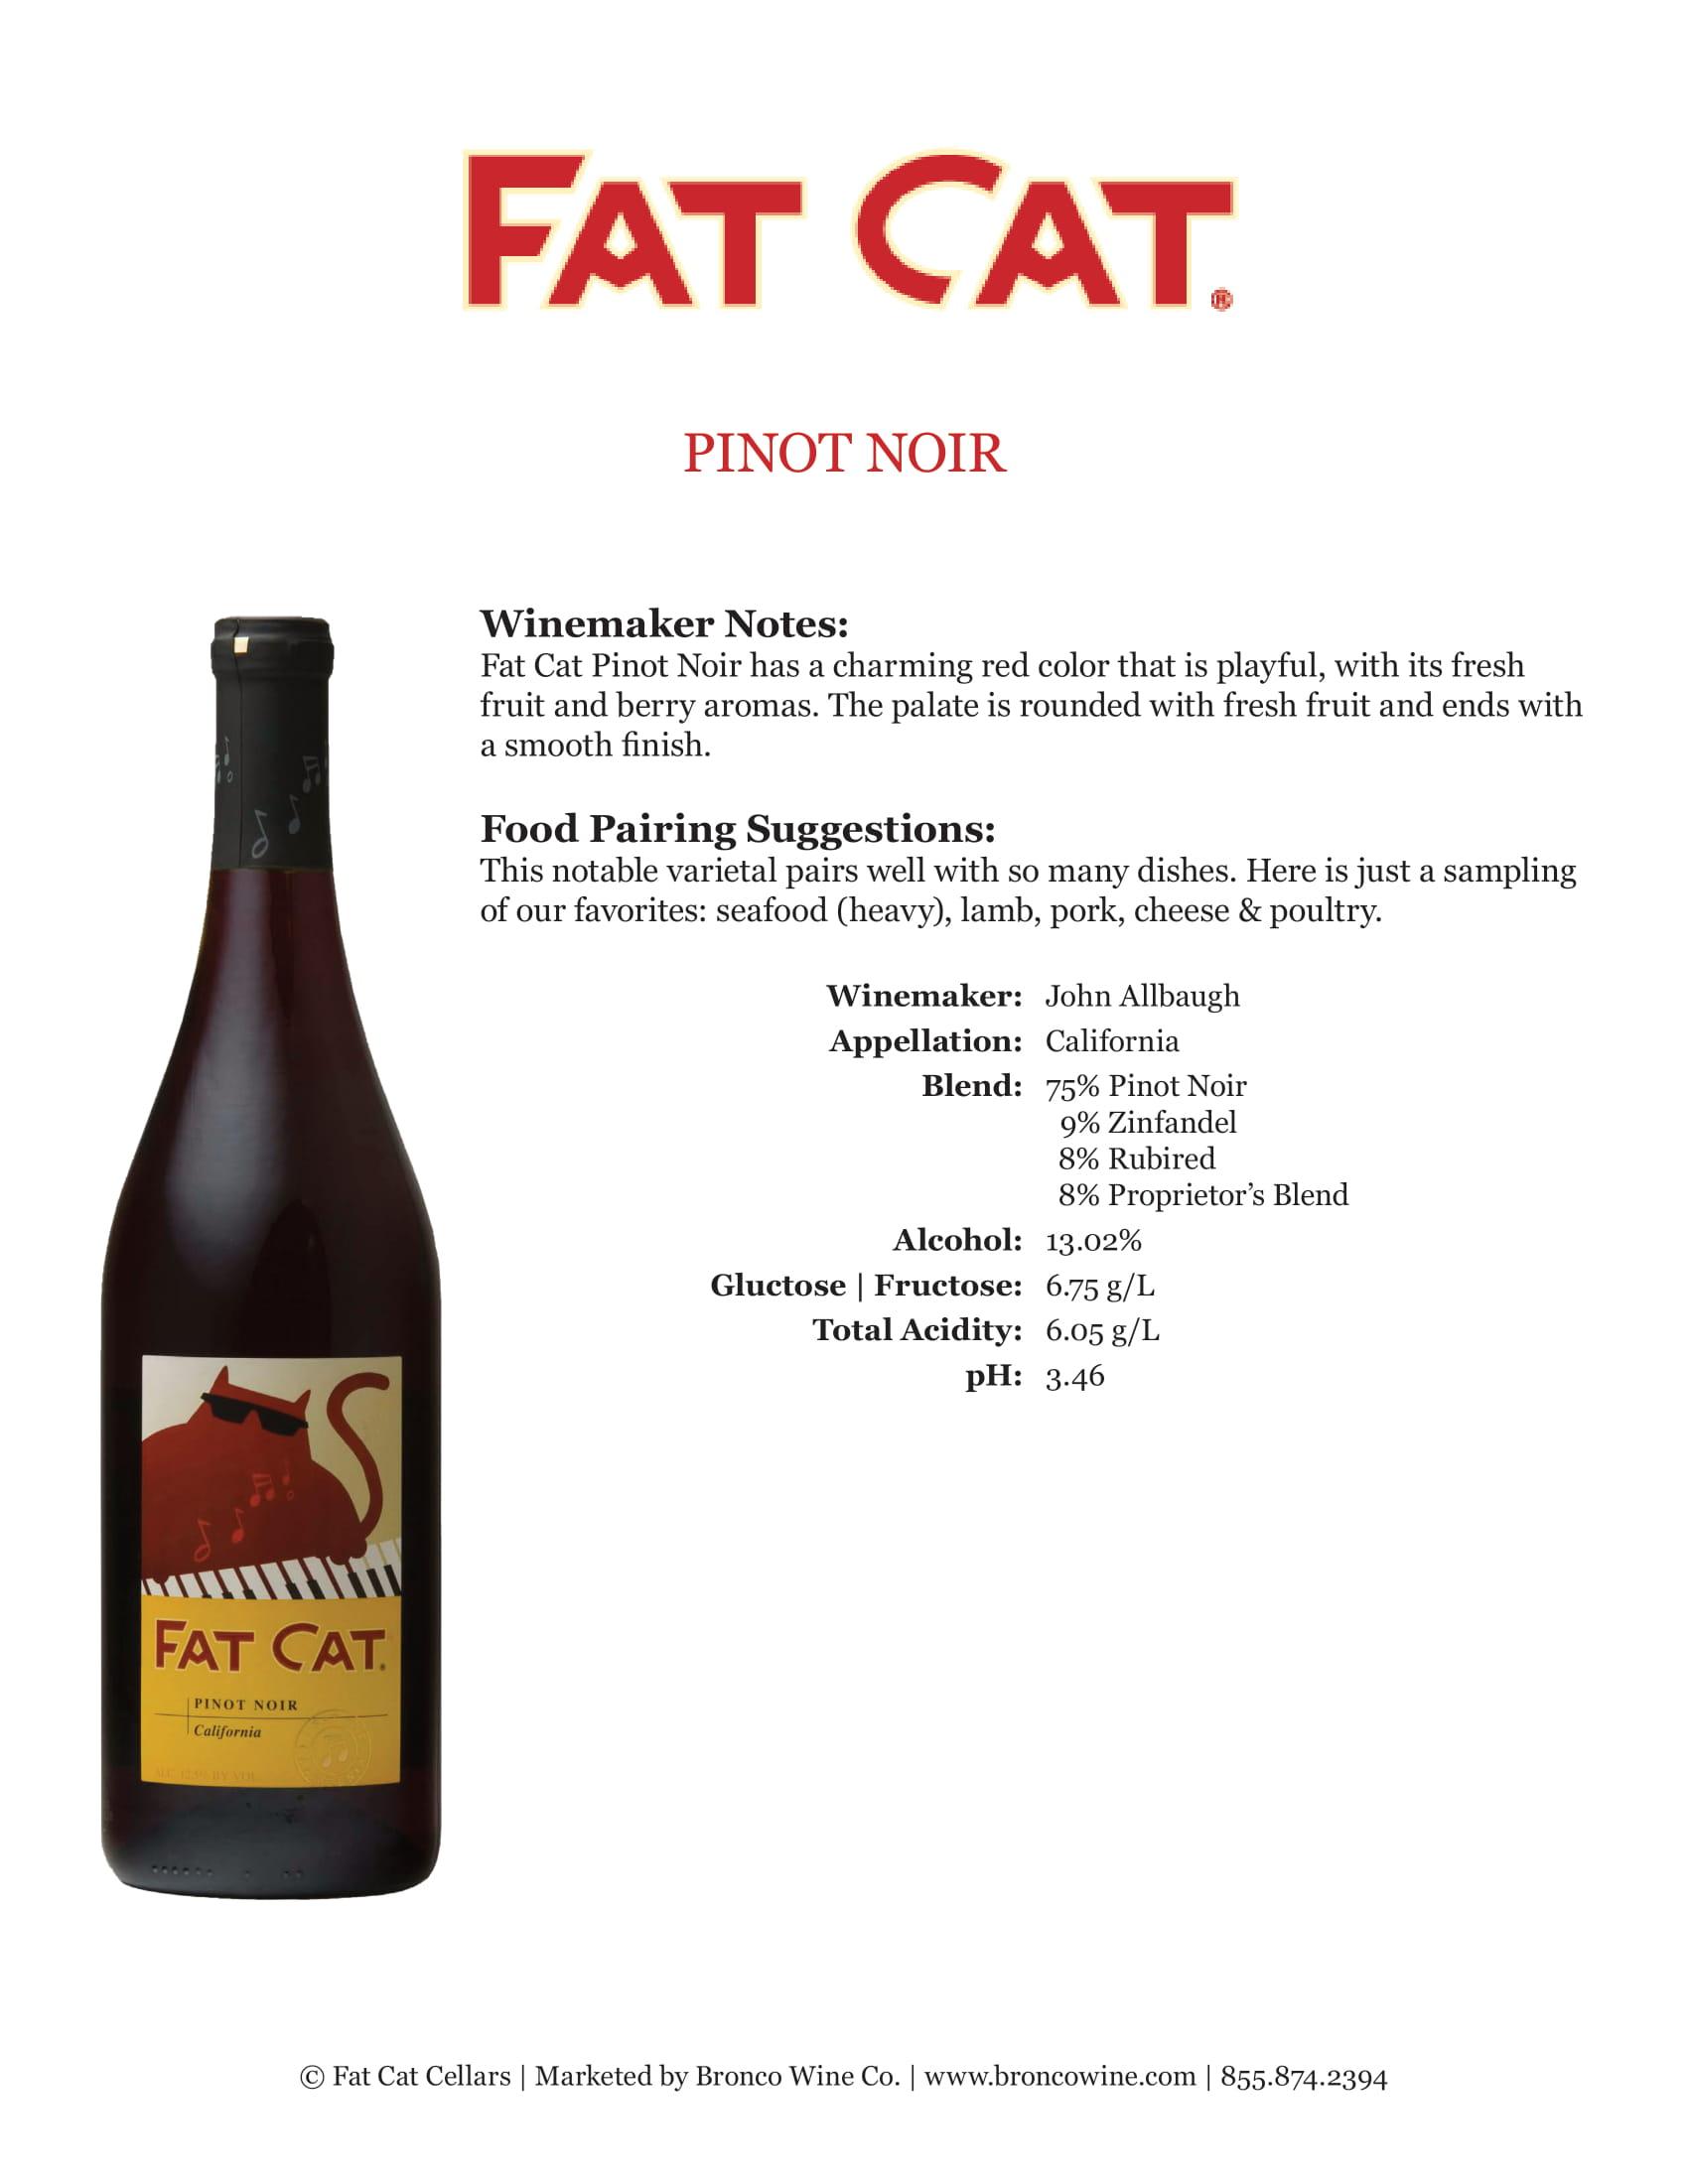 Fat Cat Pinot Noir Tech Sheet